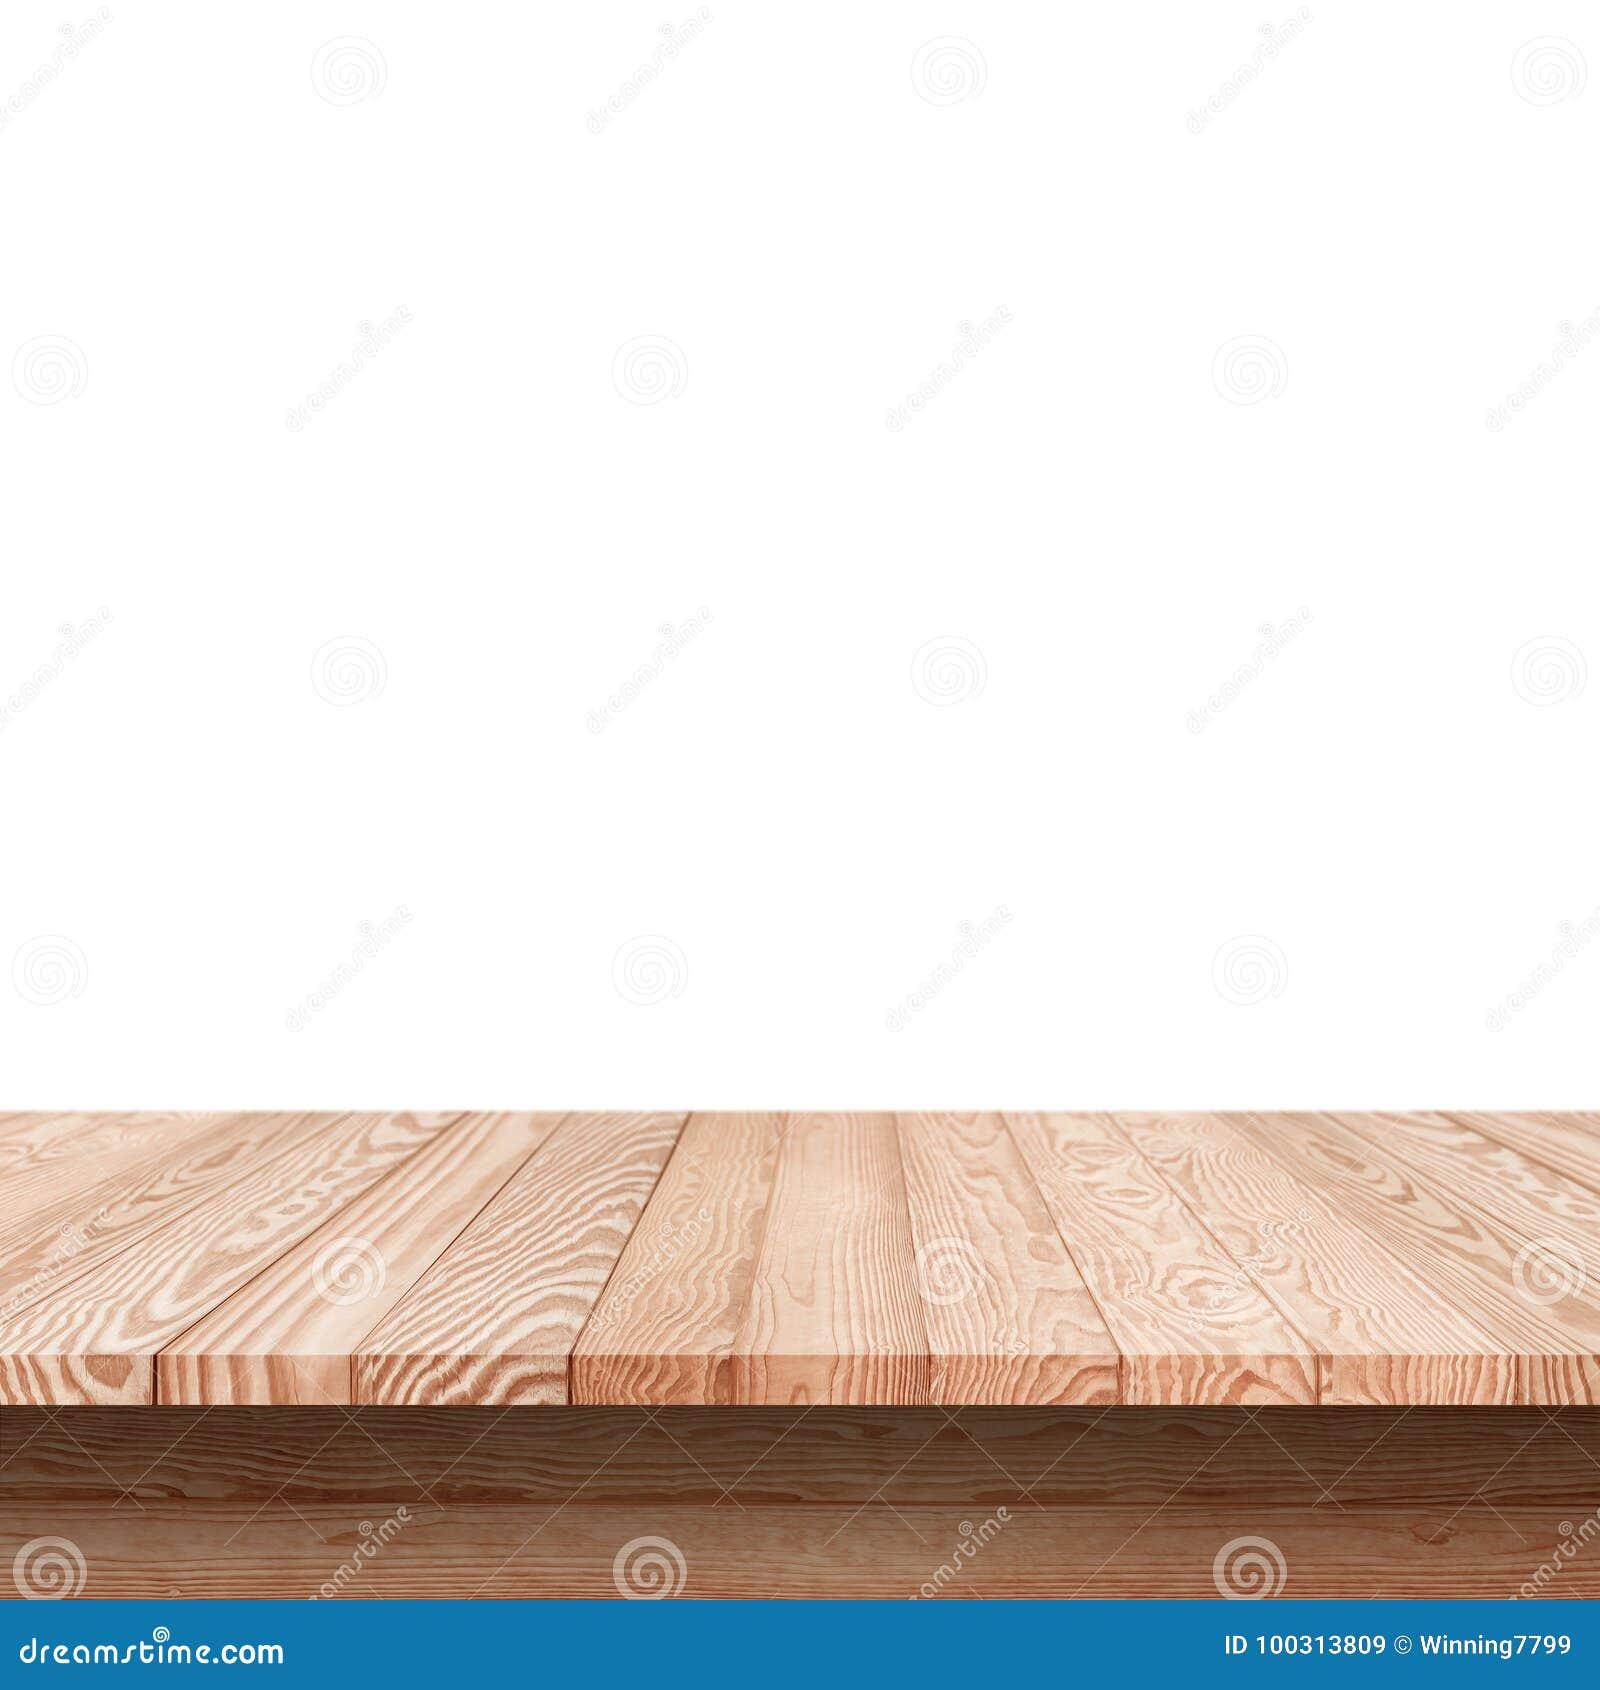 Wood shelf table isolated